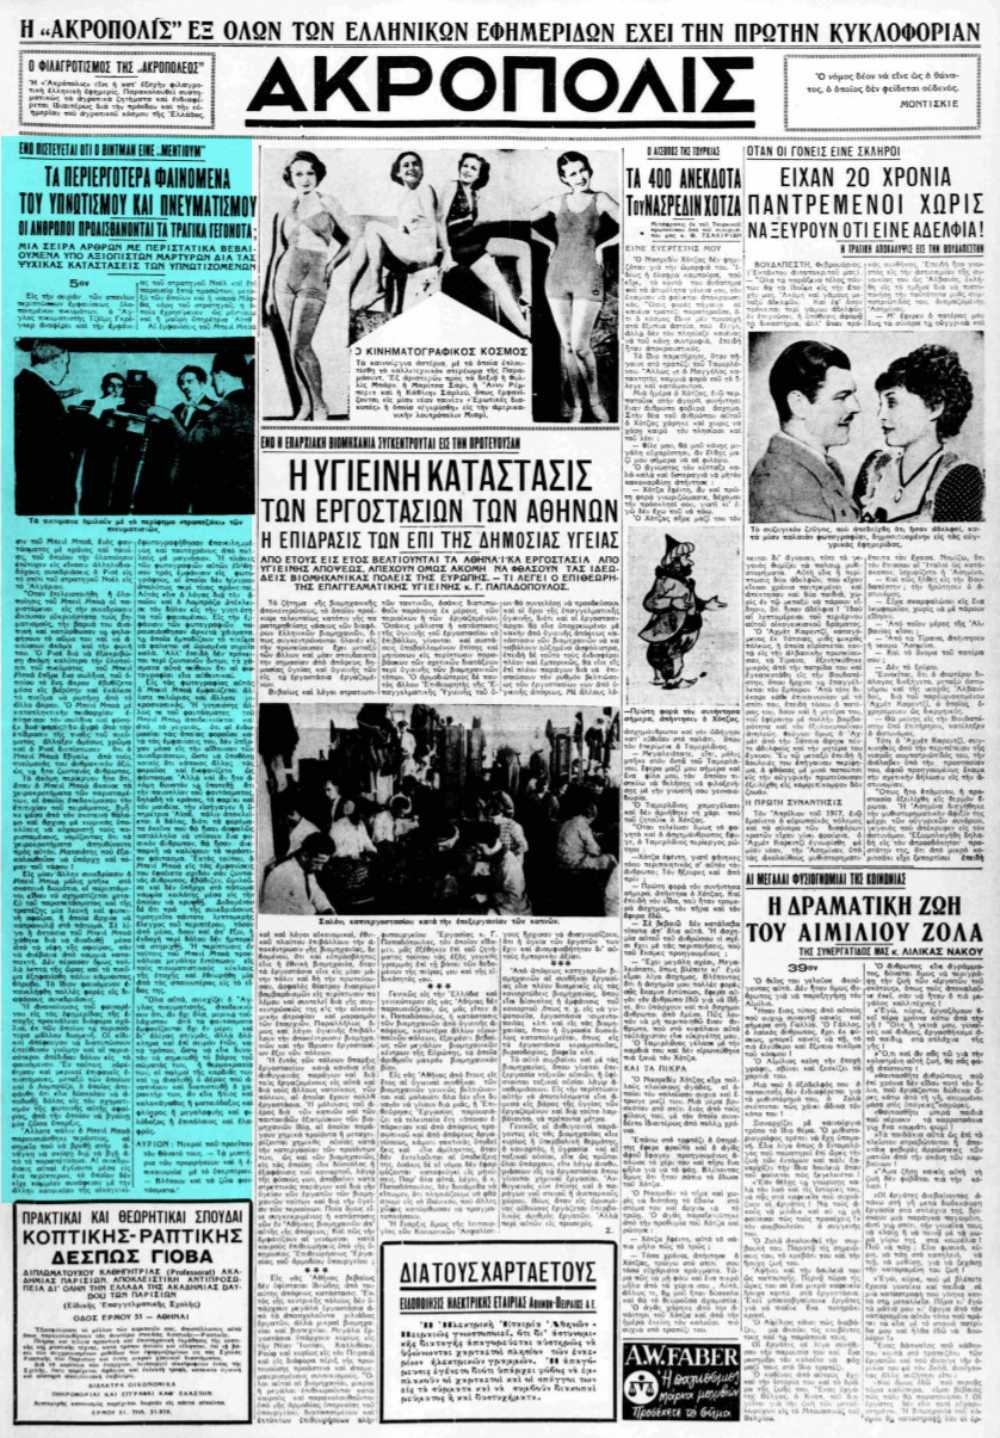 """Το άρθρο, όπως δημοσιεύθηκε στην εφημερίδα """"ΑΚΡΟΠΟΛΙΣ"""", στις 05/02/1938"""